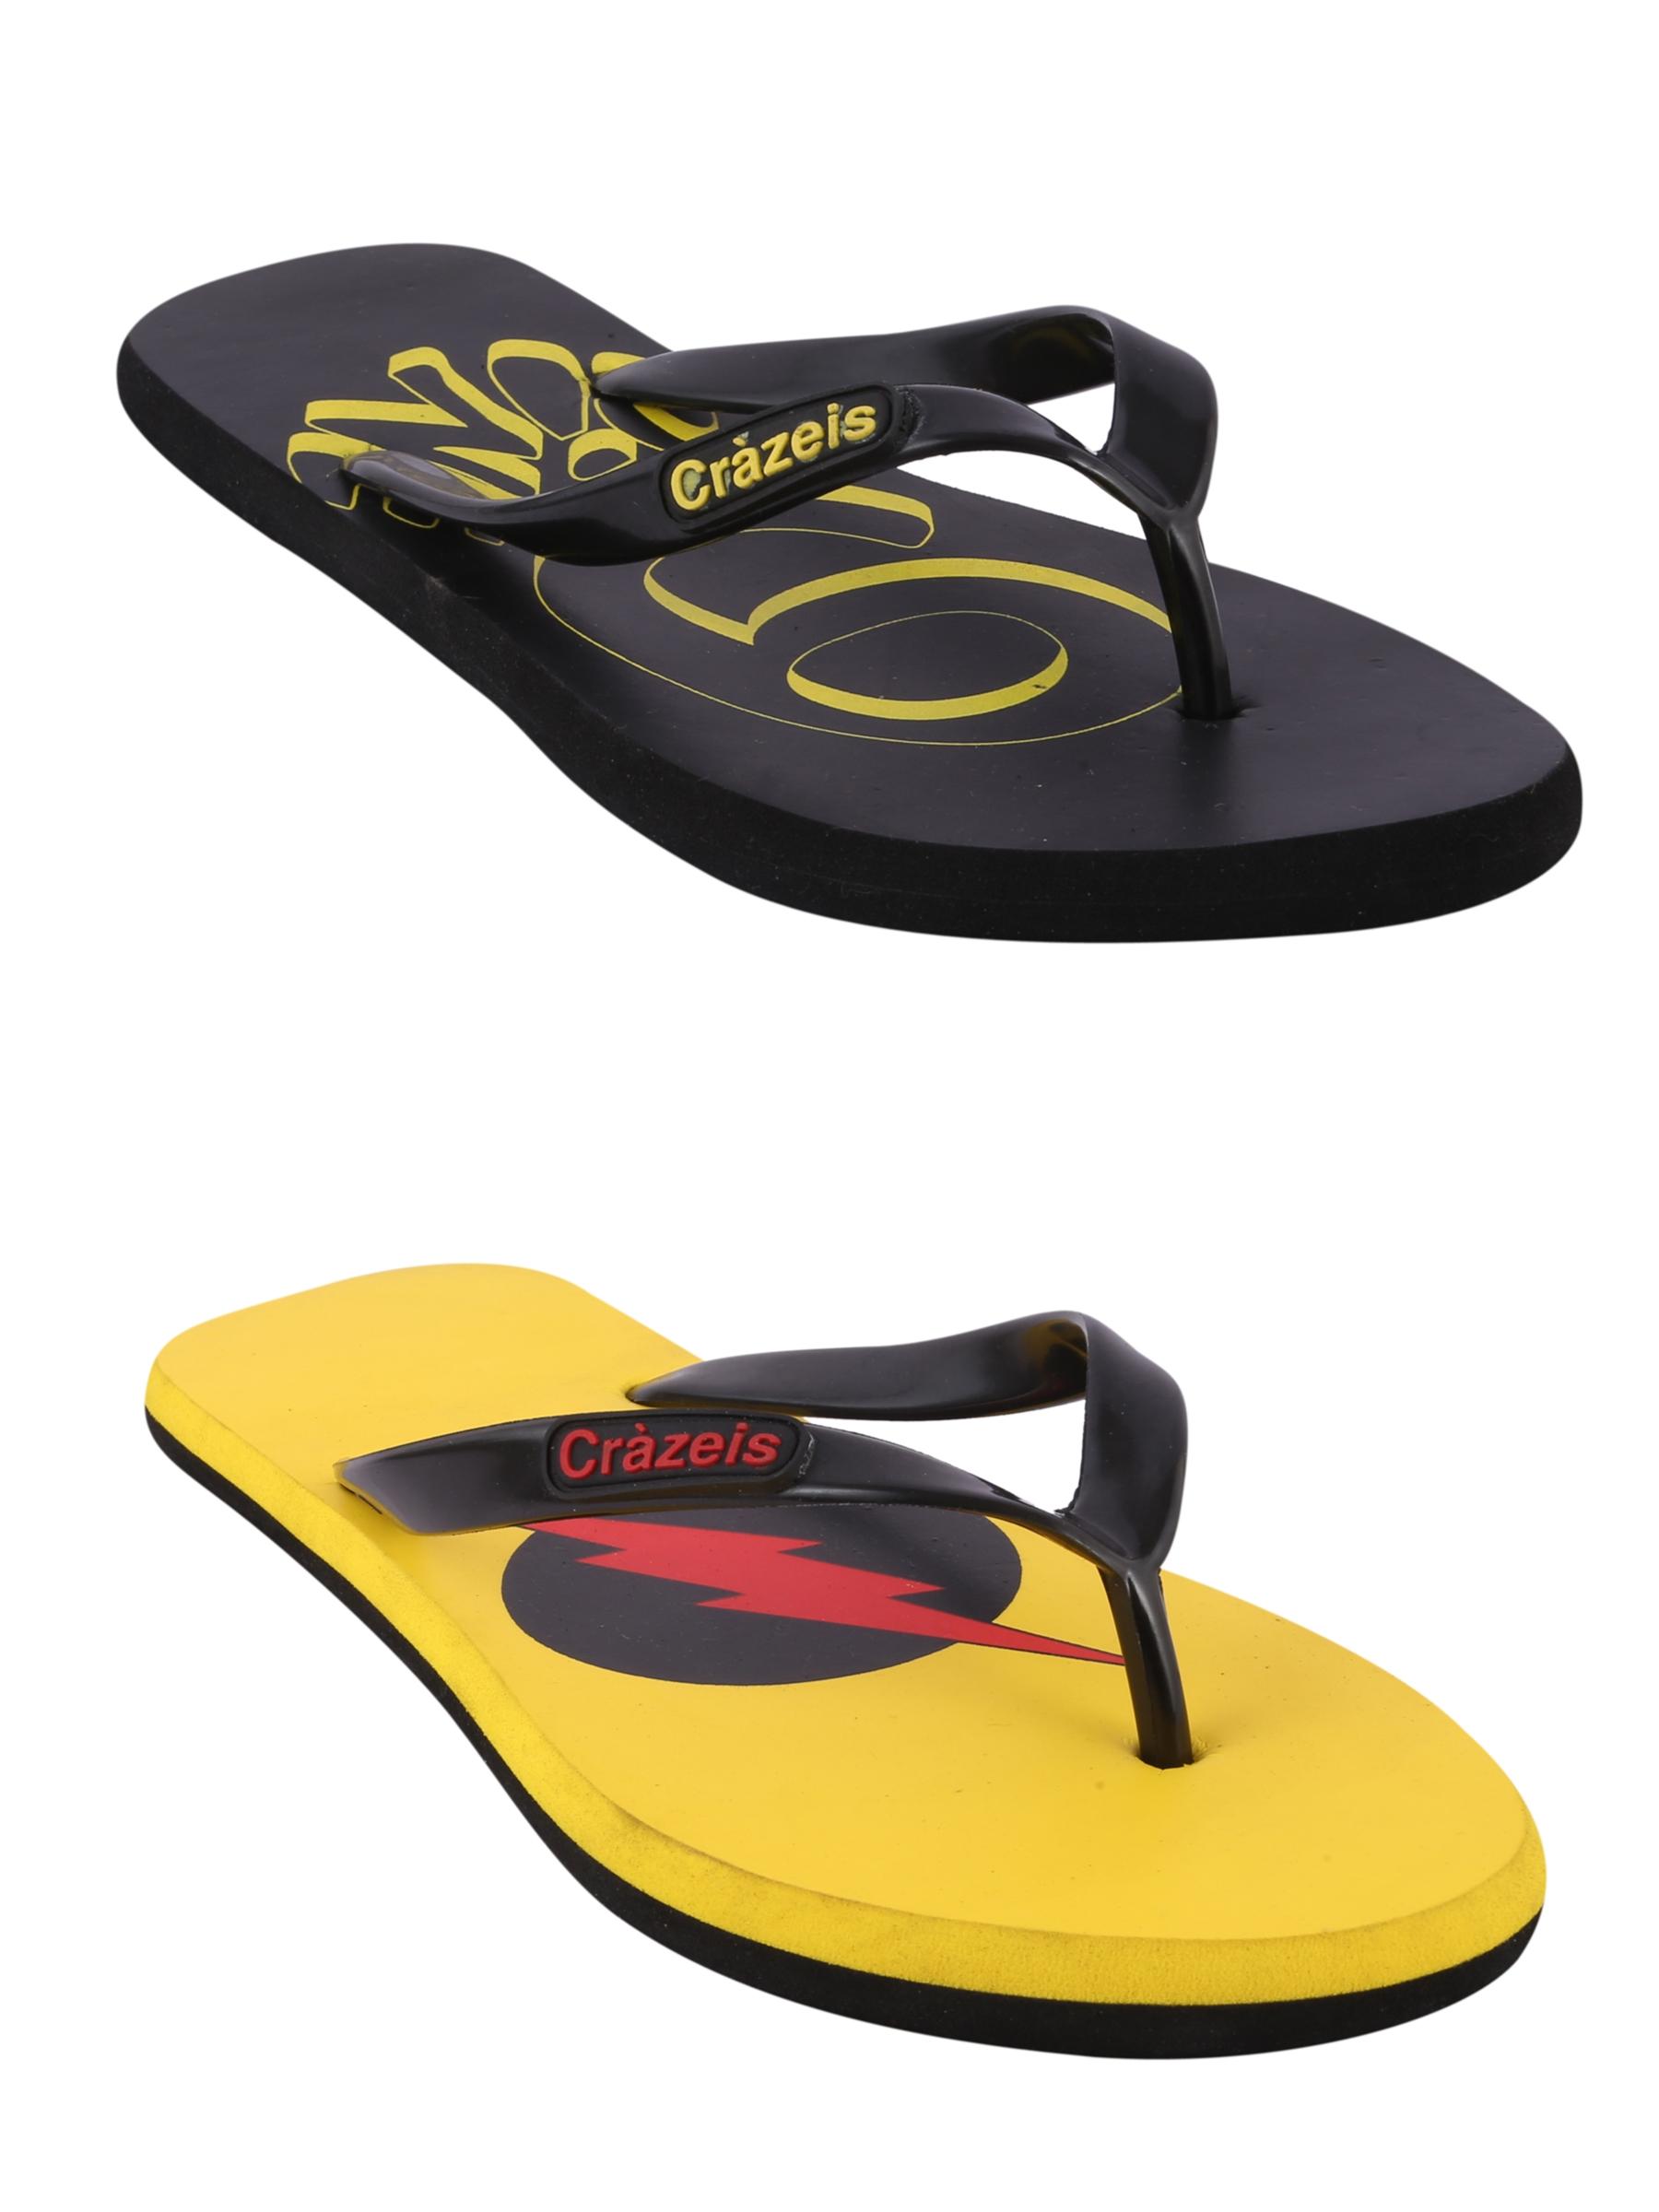 crazeis2 Crazeis Flip-flops Pack Of 2 For Men-011